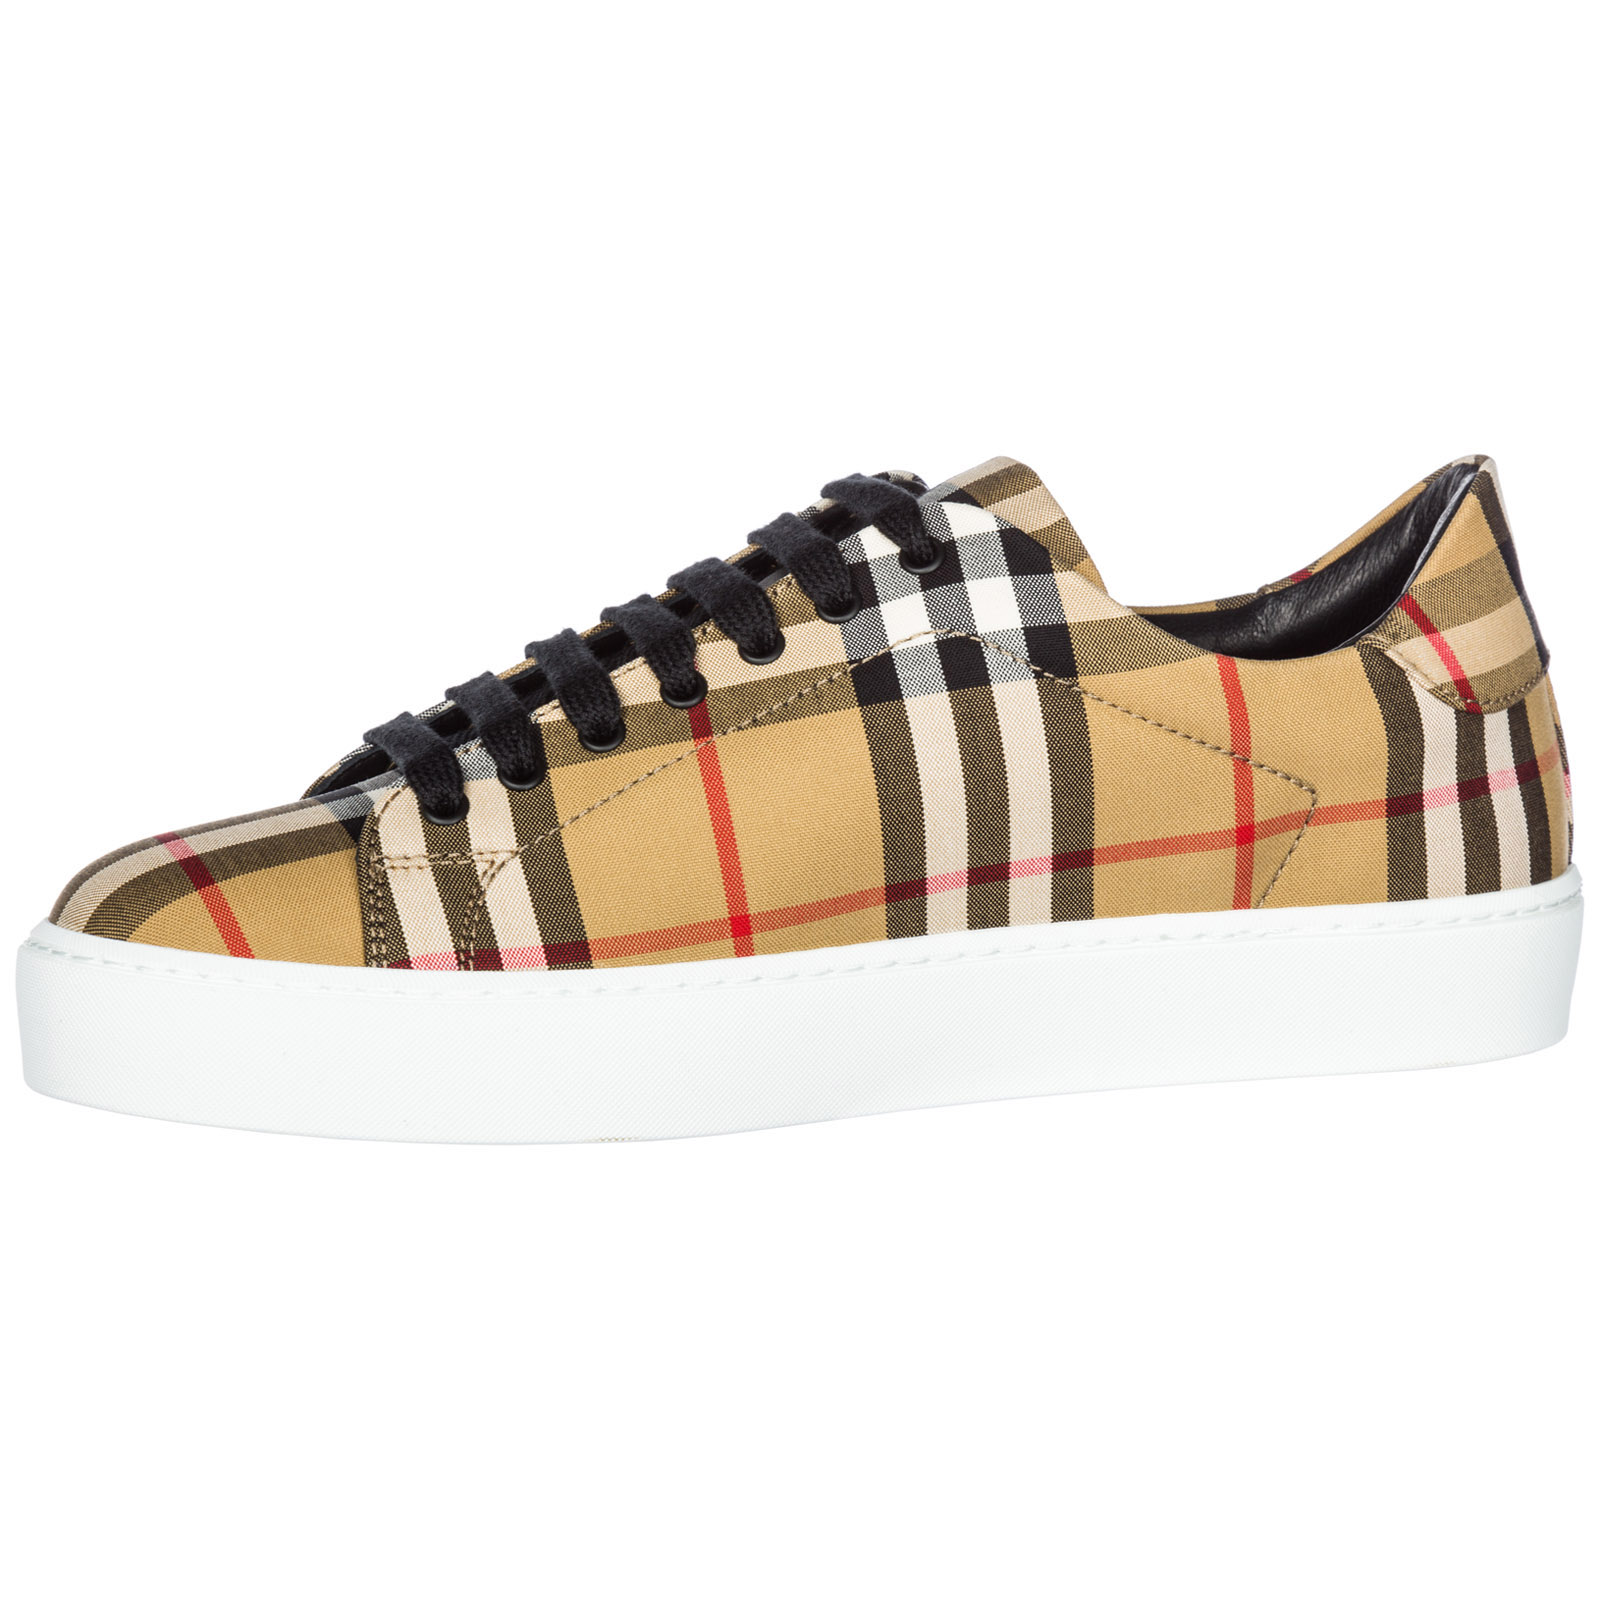 Schuhe für Damen Burberry